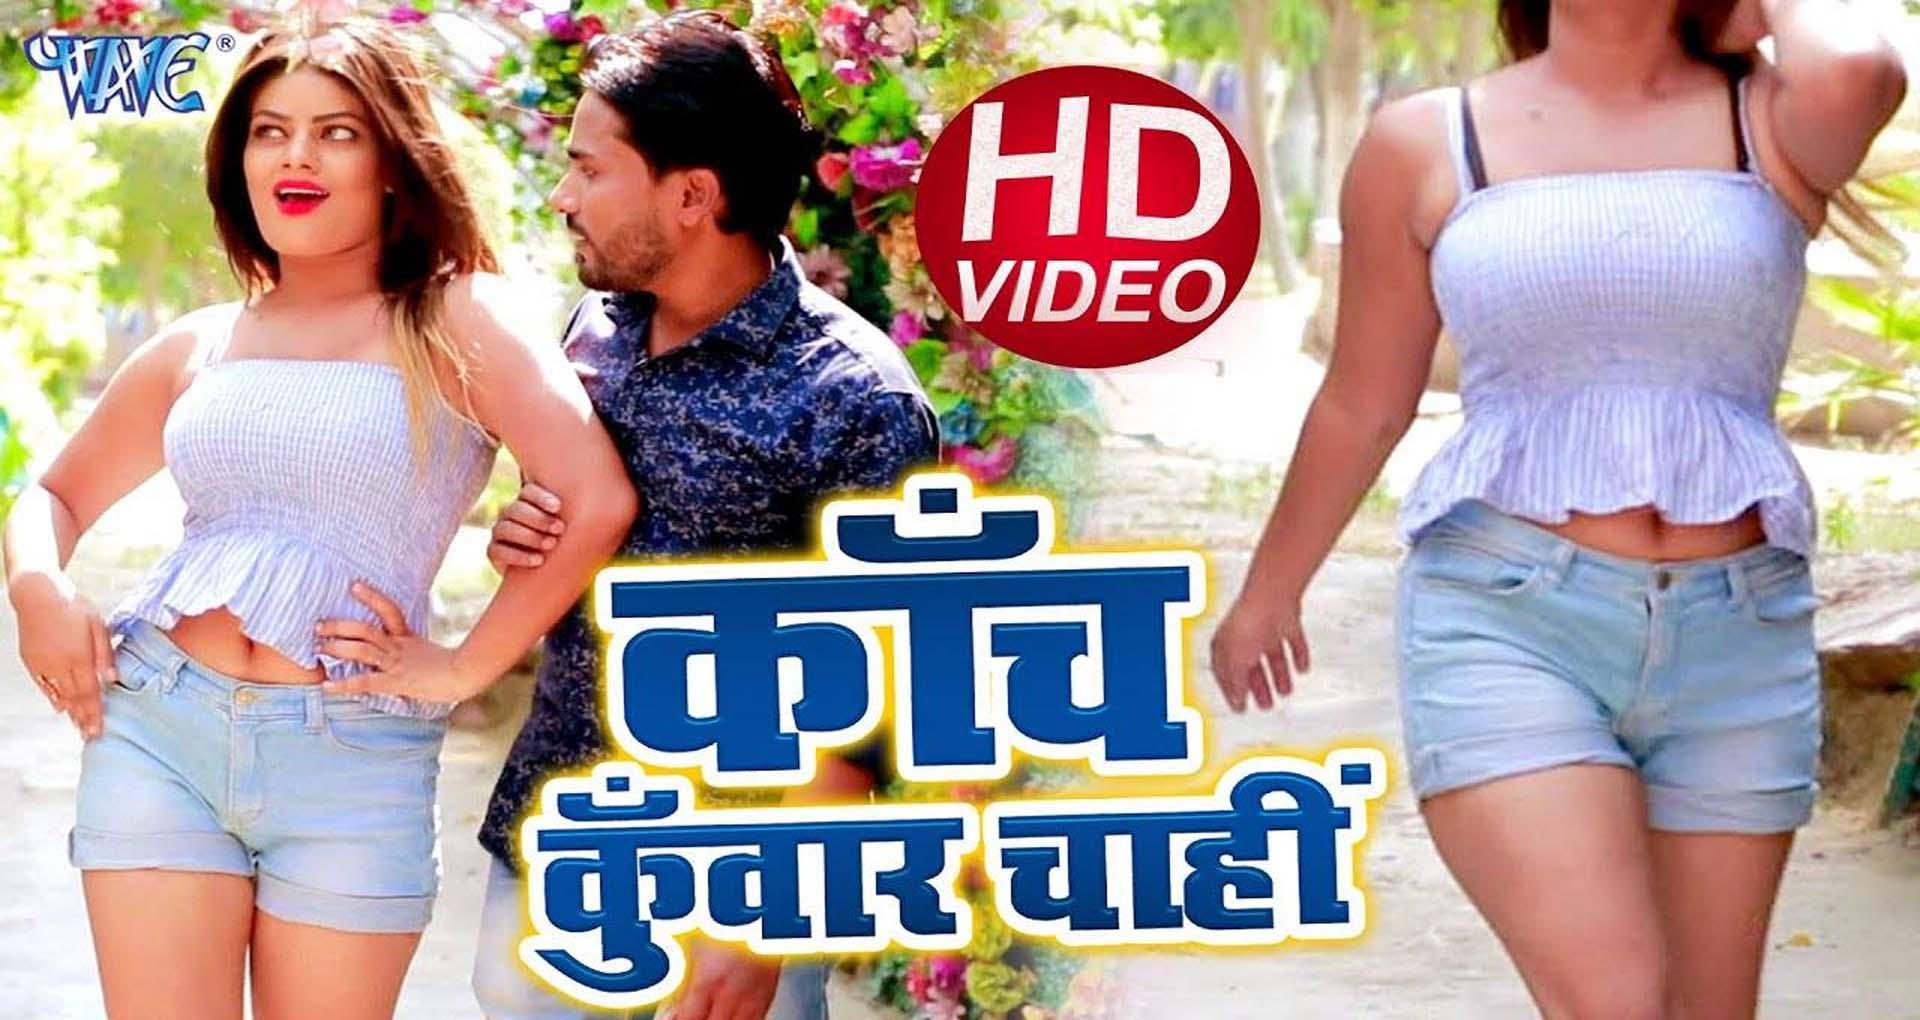 Bhojpuri Hit Video Song: भोजपुरी गाने 'काँच कुँवार चाही' ने उड़ाया गर्दा! जमकर देखा जा रहा Video